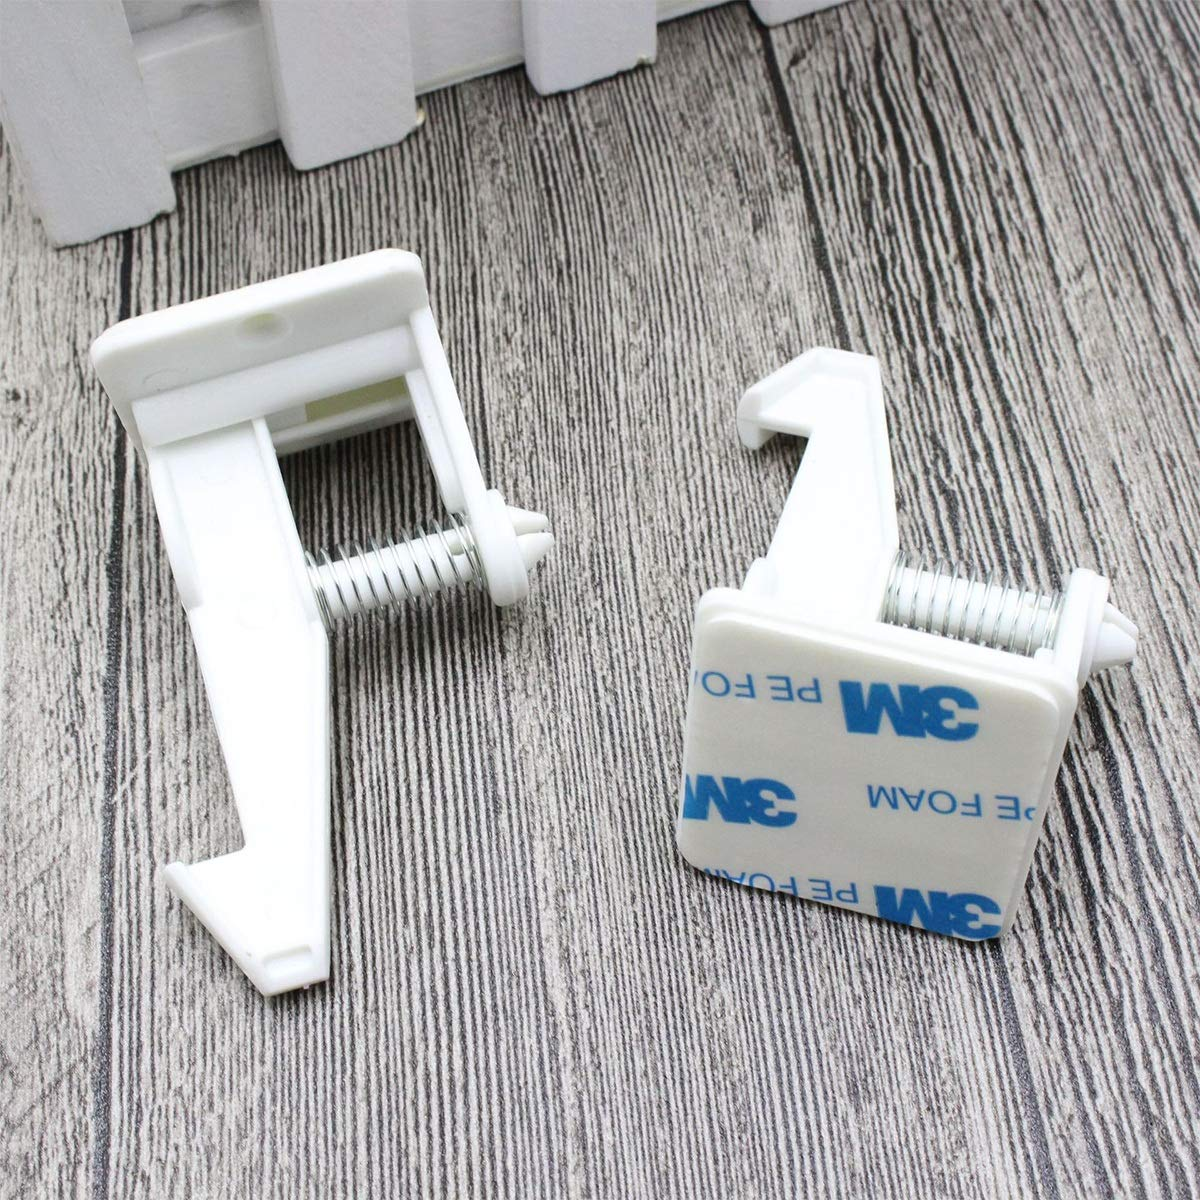 POM cerraduras WC bloqueo de seguridad longitud ajustable ABS PE pulsa for desbloquear YUMEIGE Cierres para armarios Cerraduras de protecci/ón cierres de seguridad para ni/ños a prueba de beb